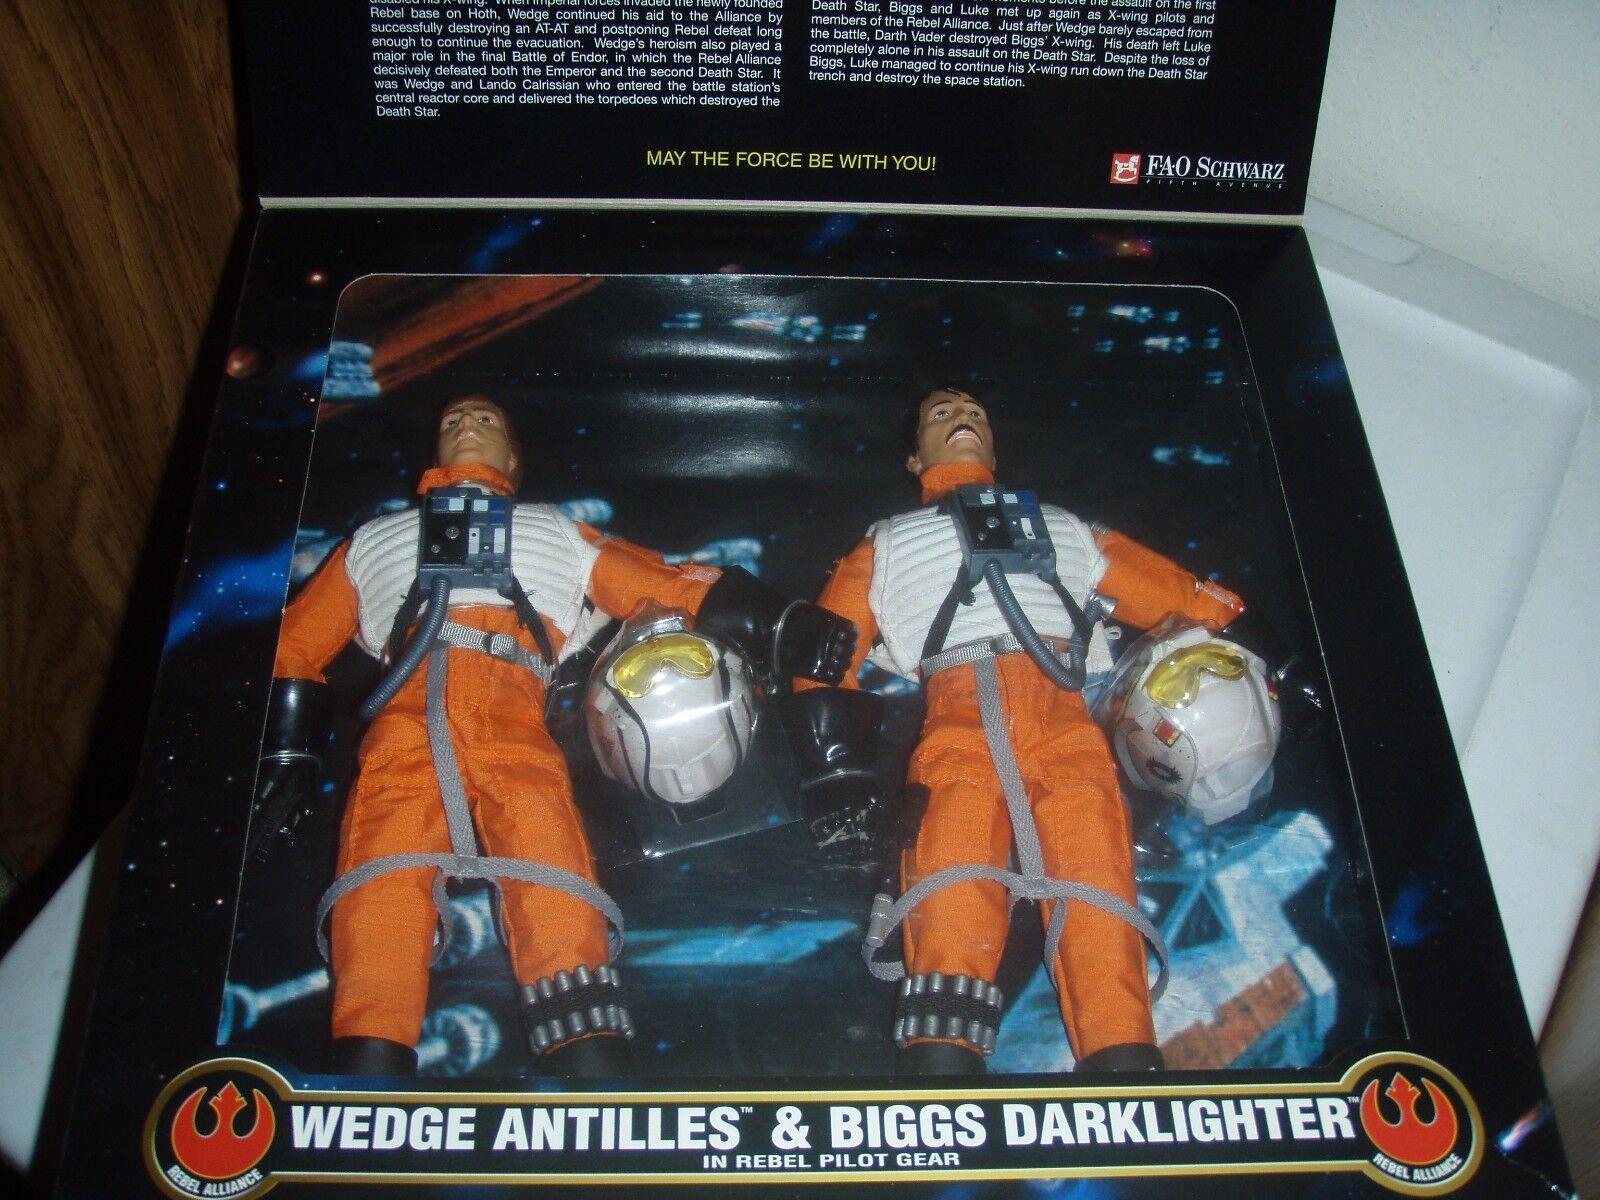 Star Wars  Wedge Antilles & Biggs Darklighter Action Collection 12 inch 1998